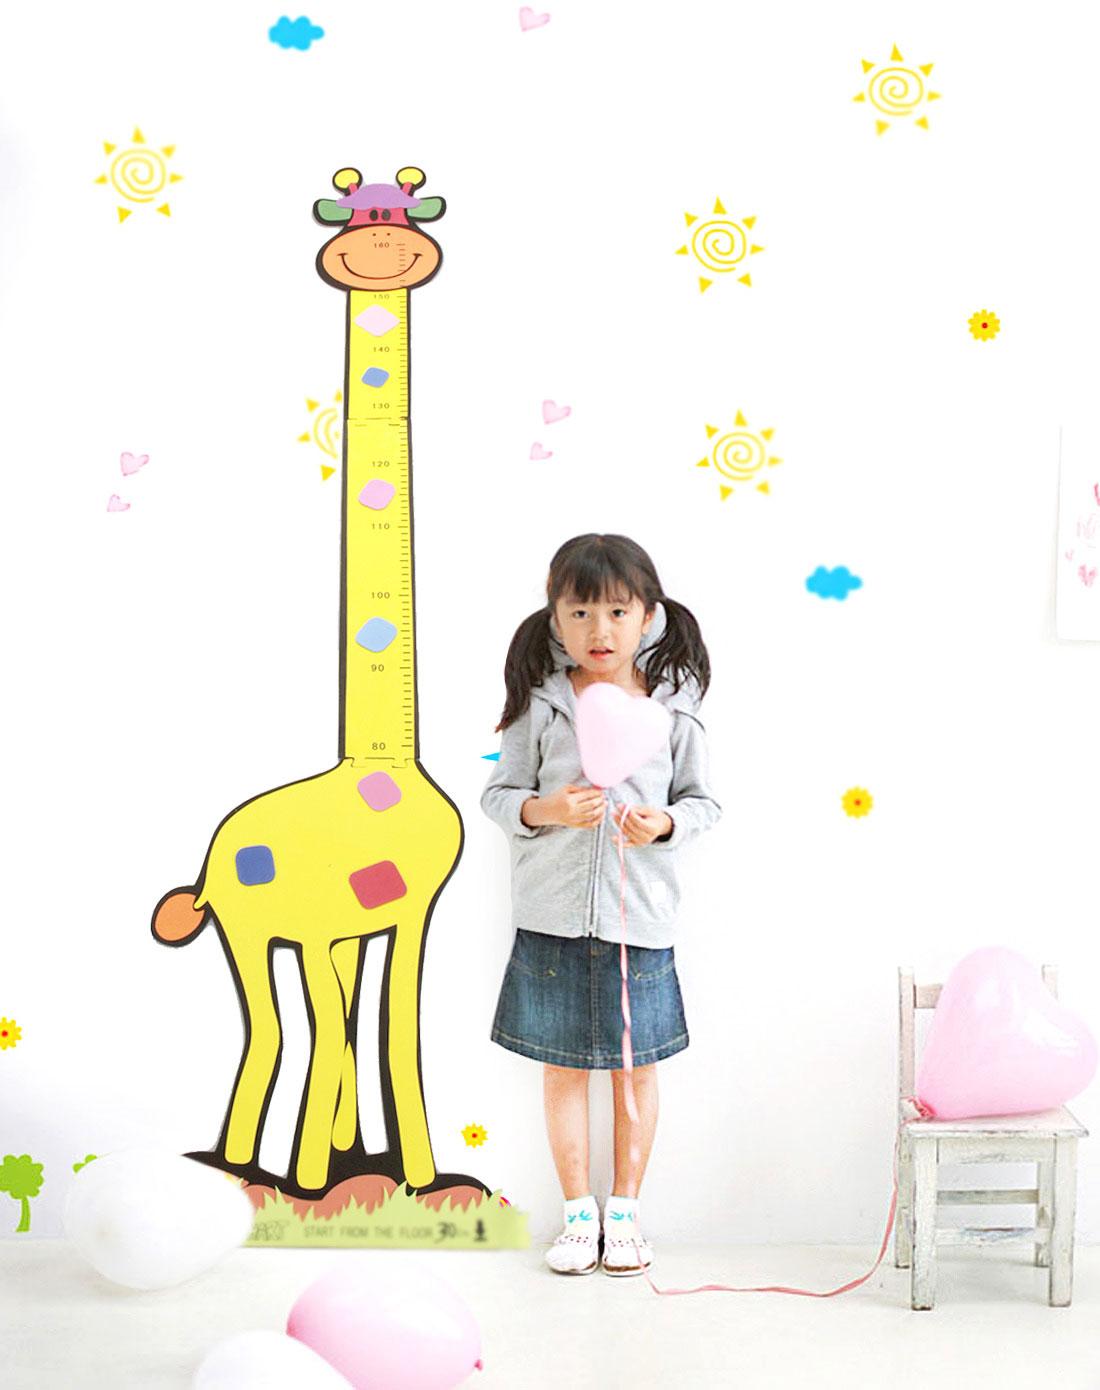 黄色卡通长颈鹿身高尺